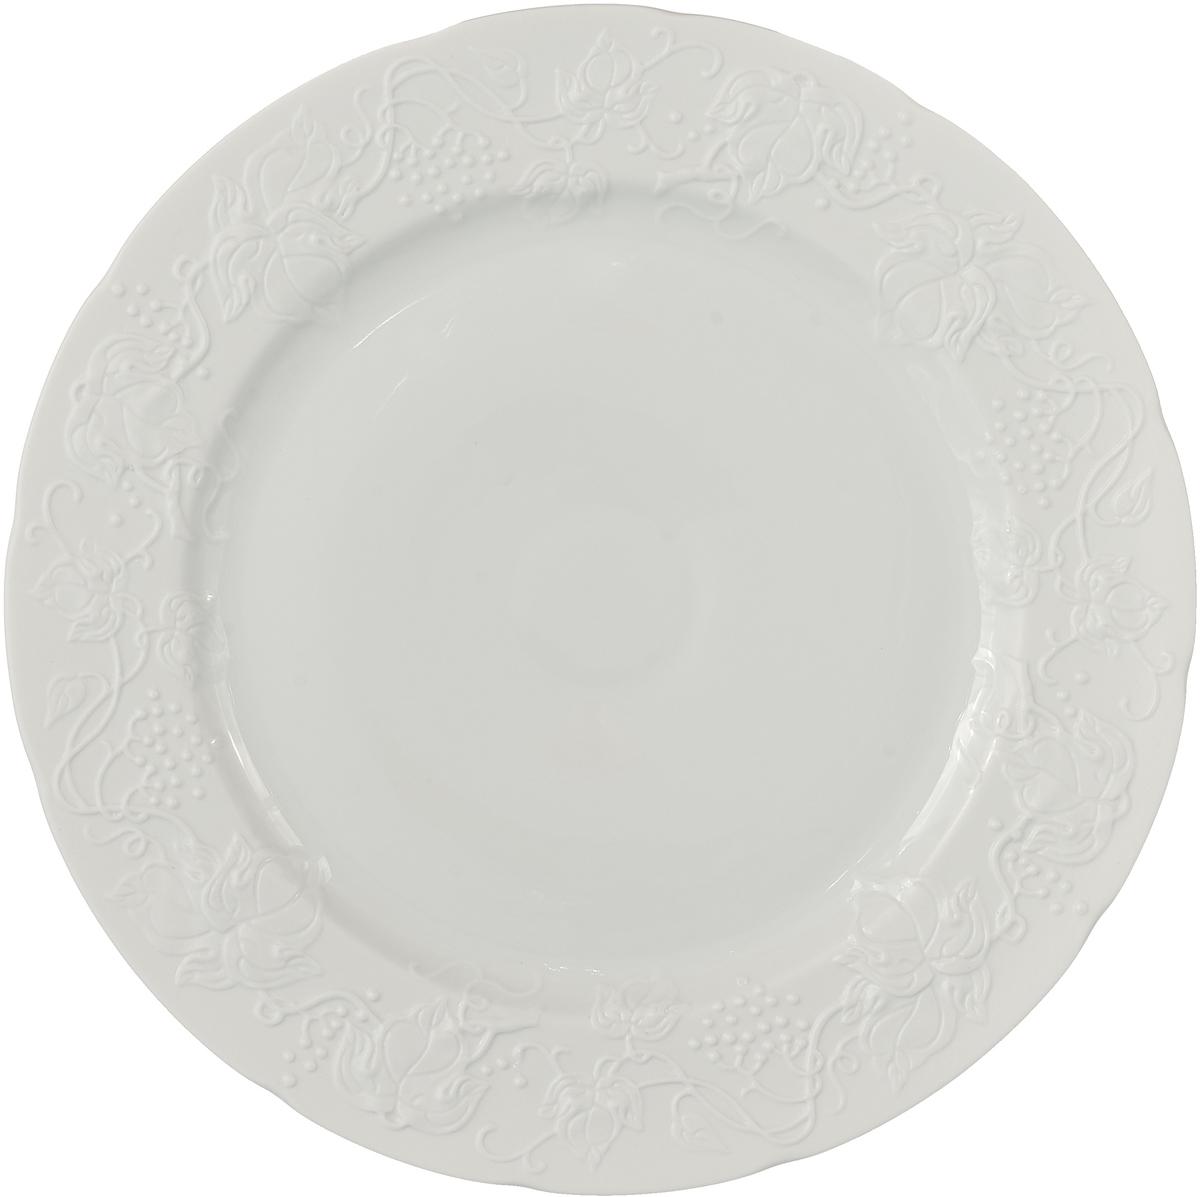 Блюдо La Rose des Sables Blanc, 3100632, белый, диаметр 32 см блюдо la rose des sables blanc 3101824 белый диаметр 24